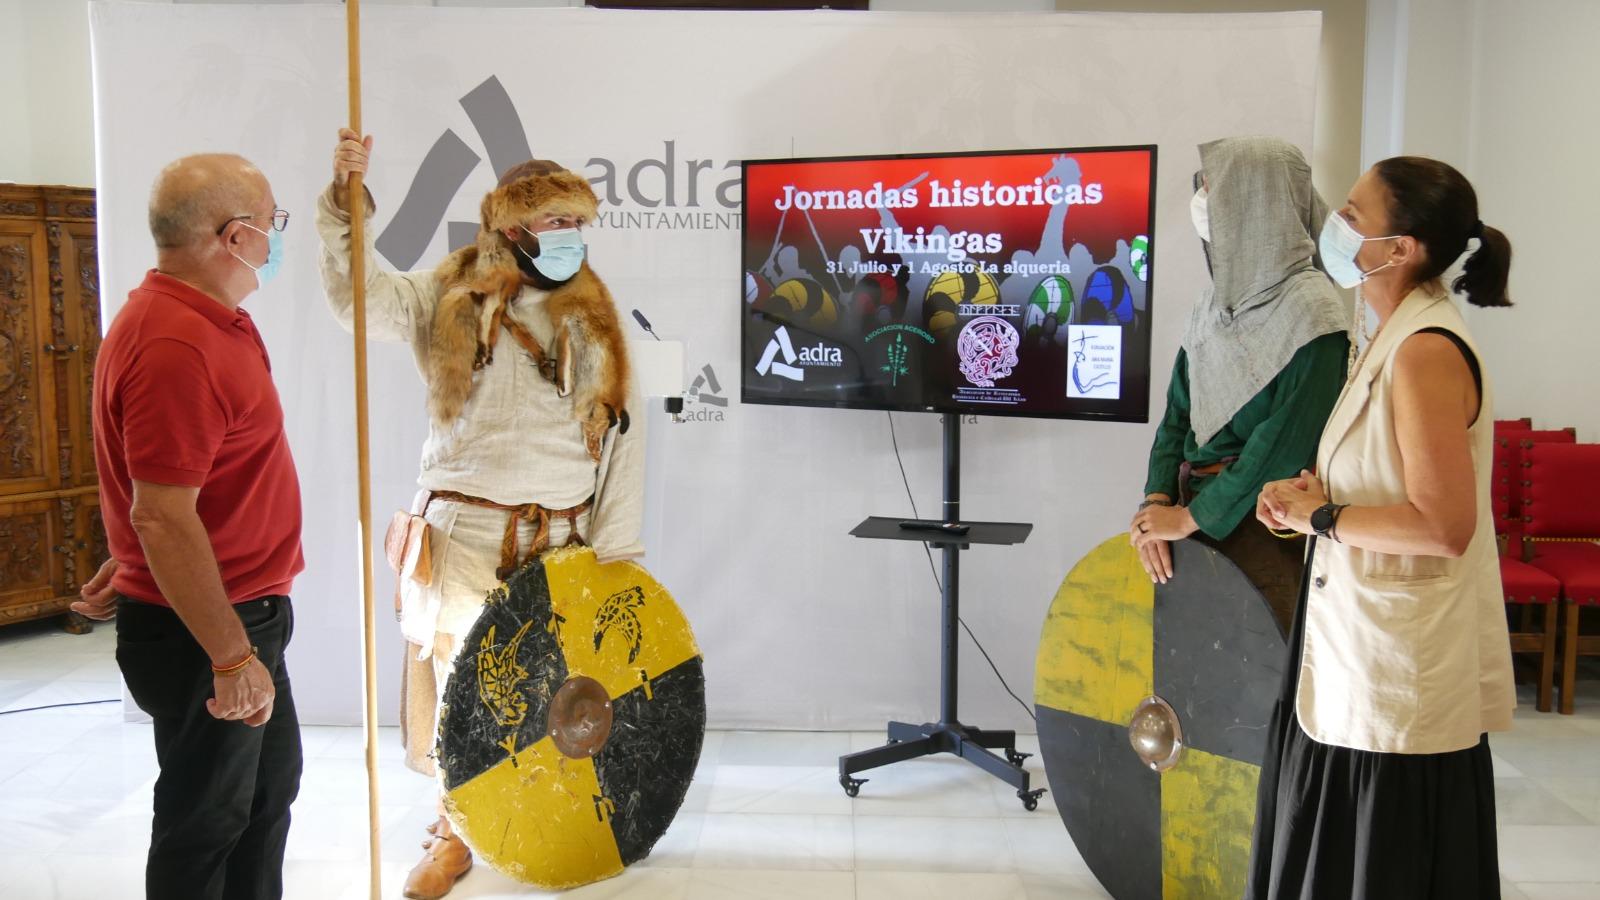 210728 Presentación Jornadas Históricas Vikingas en La Alquería